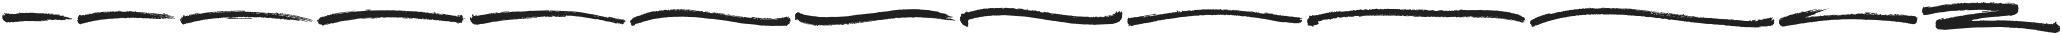 Manksa Swash otf (400) Font UPPERCASE